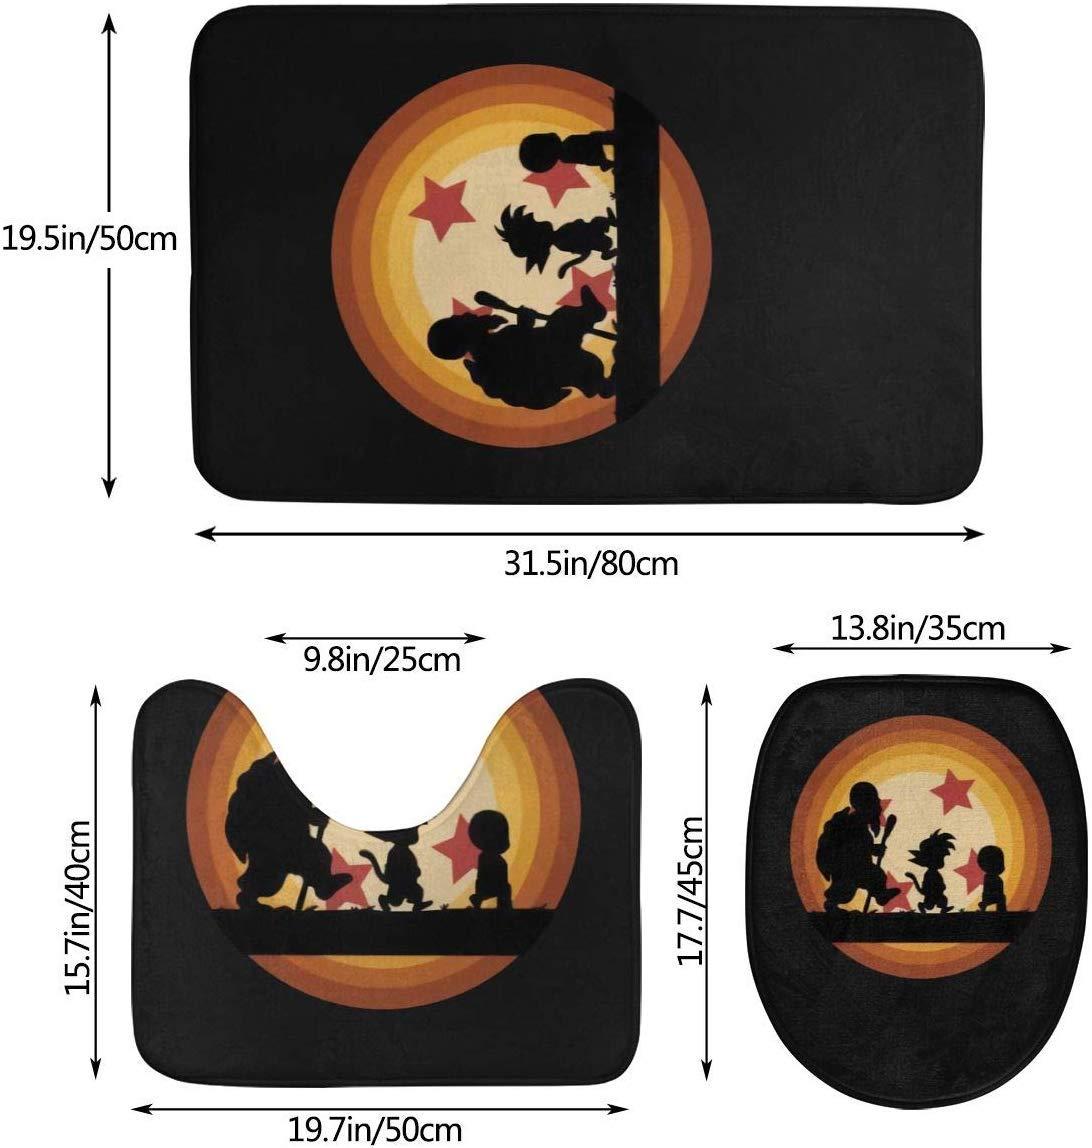 milkcolor Tappeto da Bagno Dragon Ball Tappeto da Bagno 3 Pezzi Set Tappeto Contorno e Coperchio Coperchio